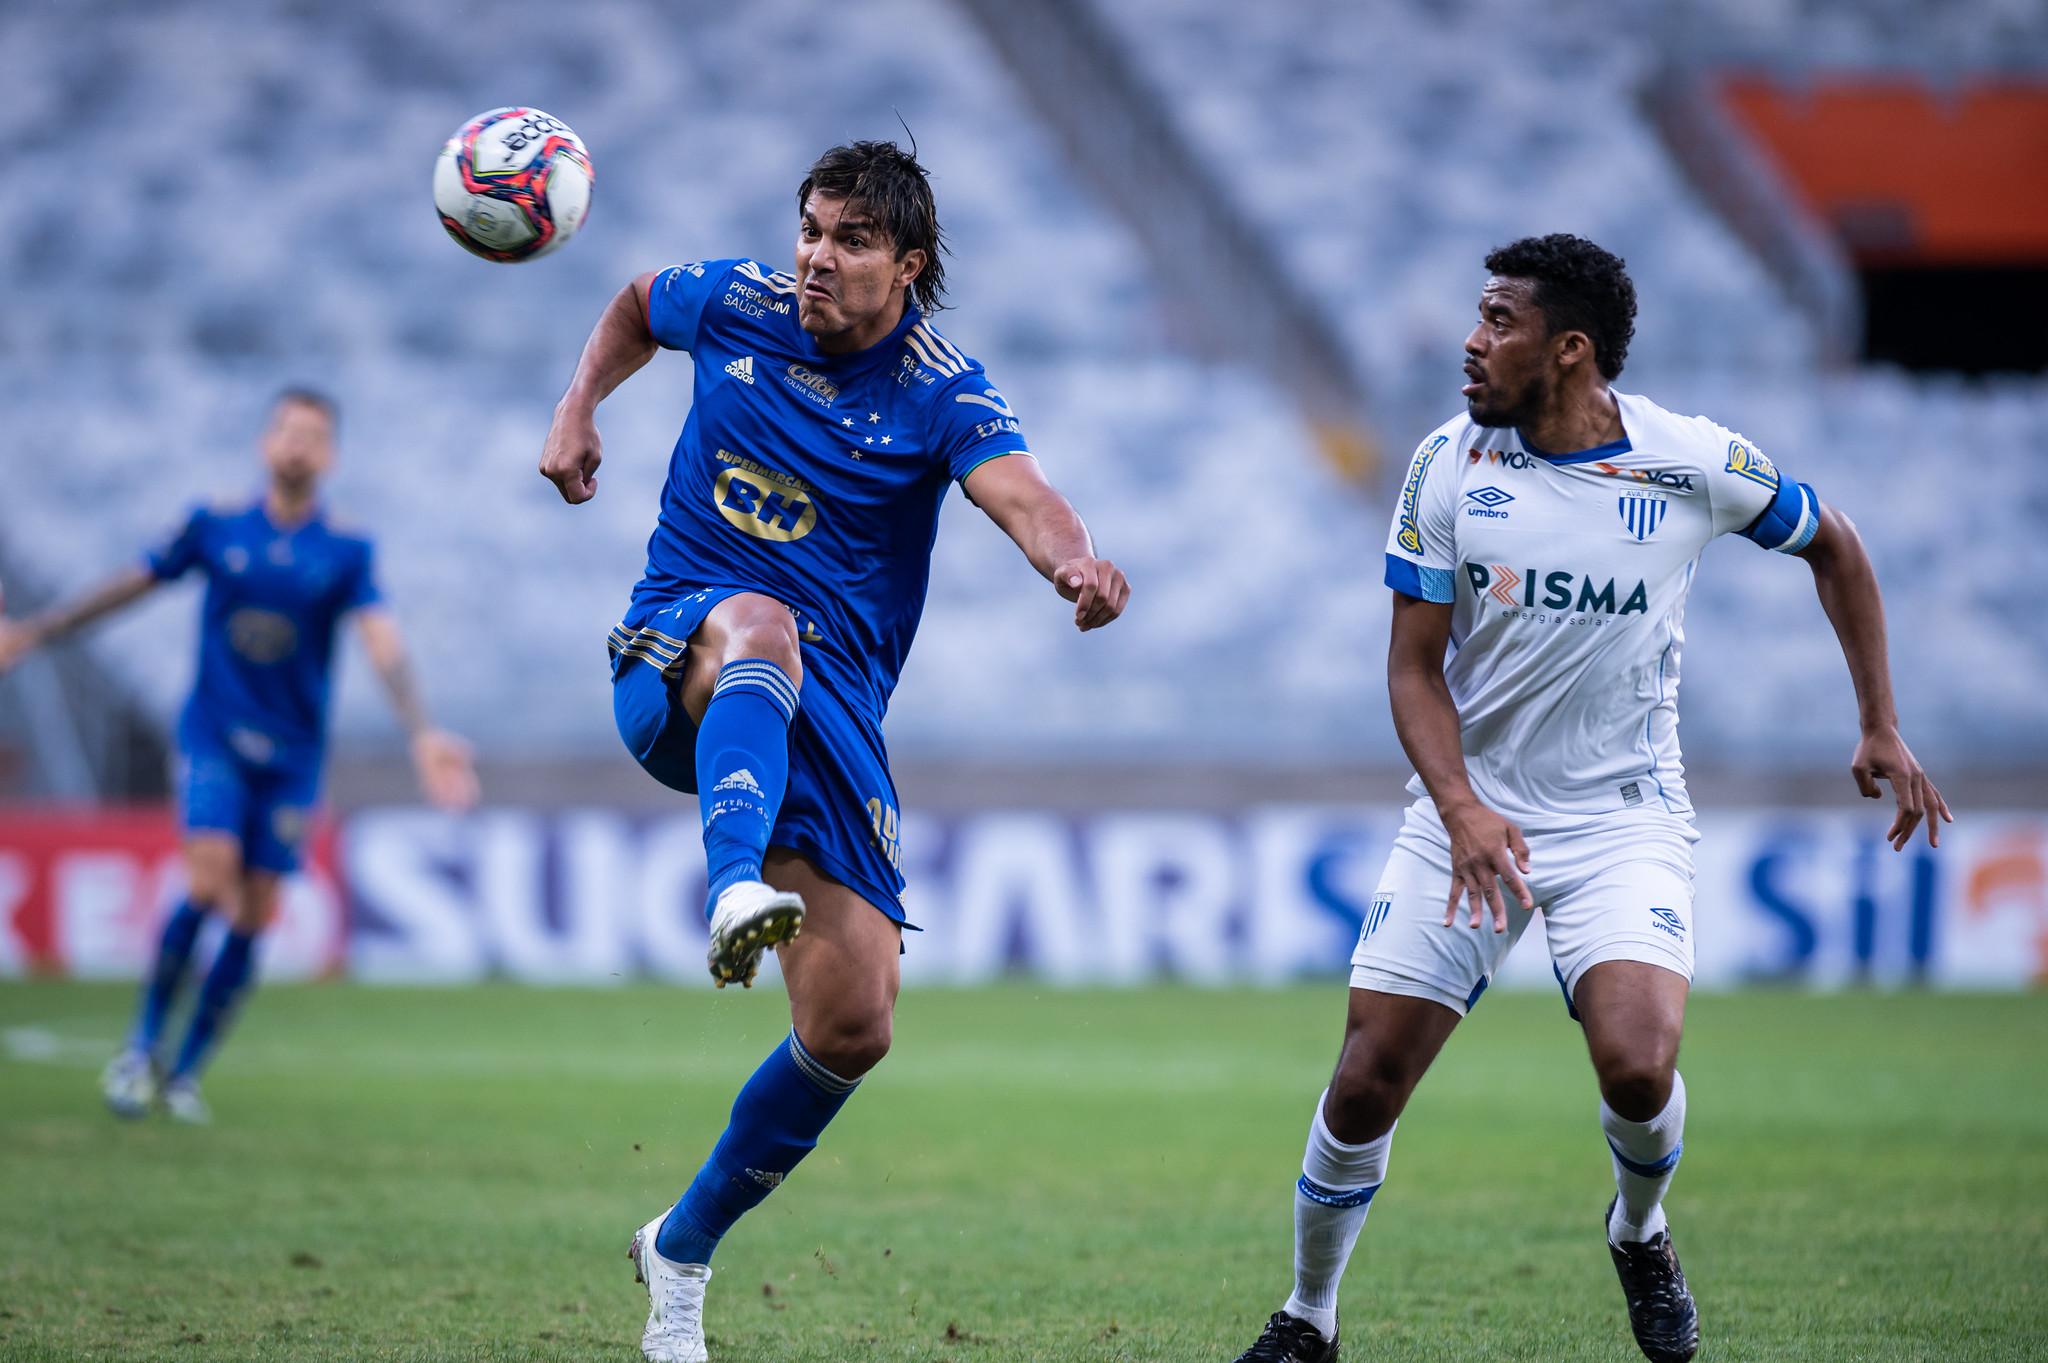 Cruzeiro pode alcançar sua melhor posição na Série B deste ano caso vença o Avaí